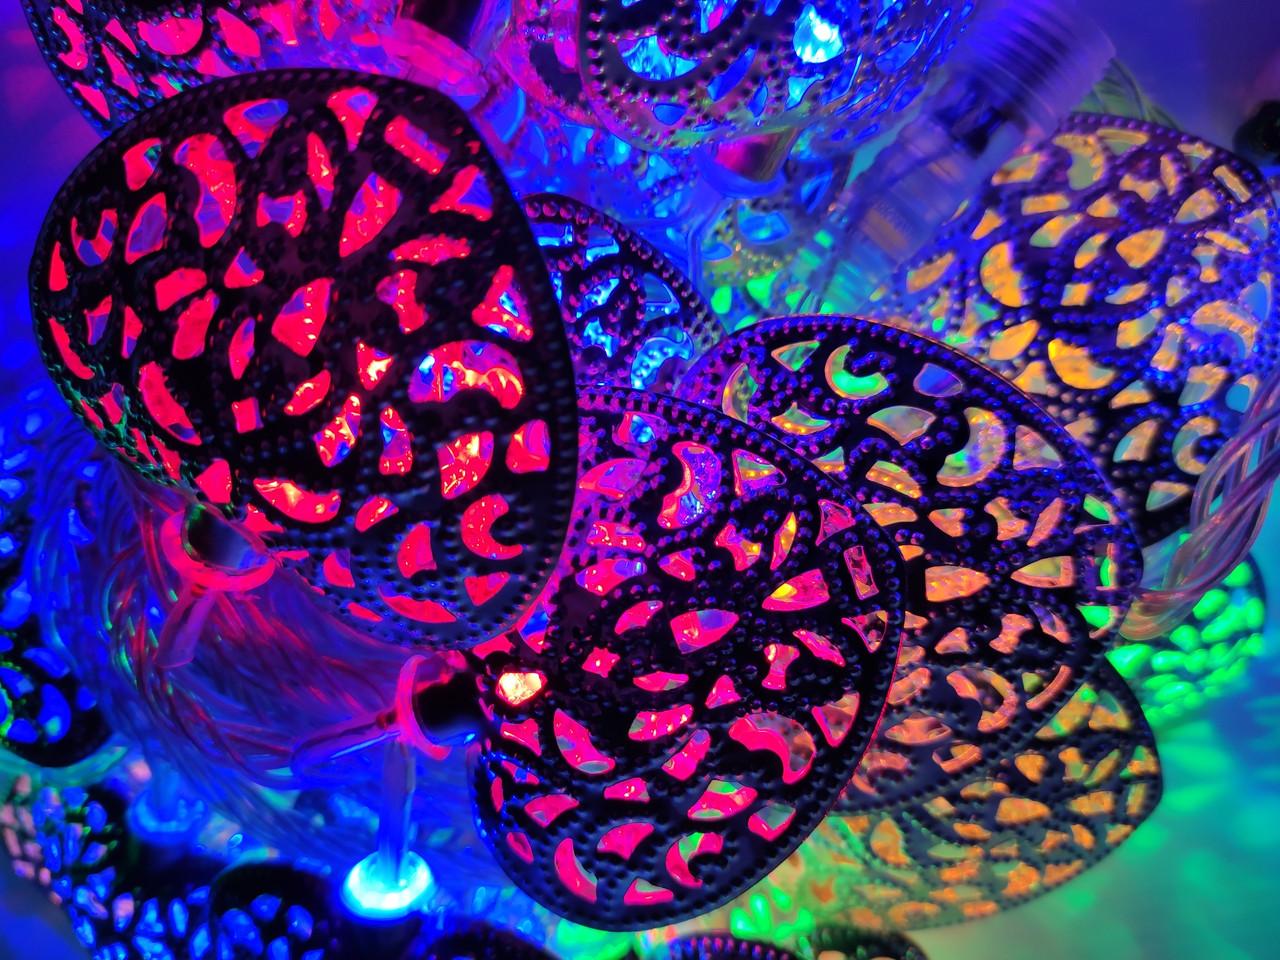 Светодиодная гирлянда сердечки 2 метра на батарейках многоцветный